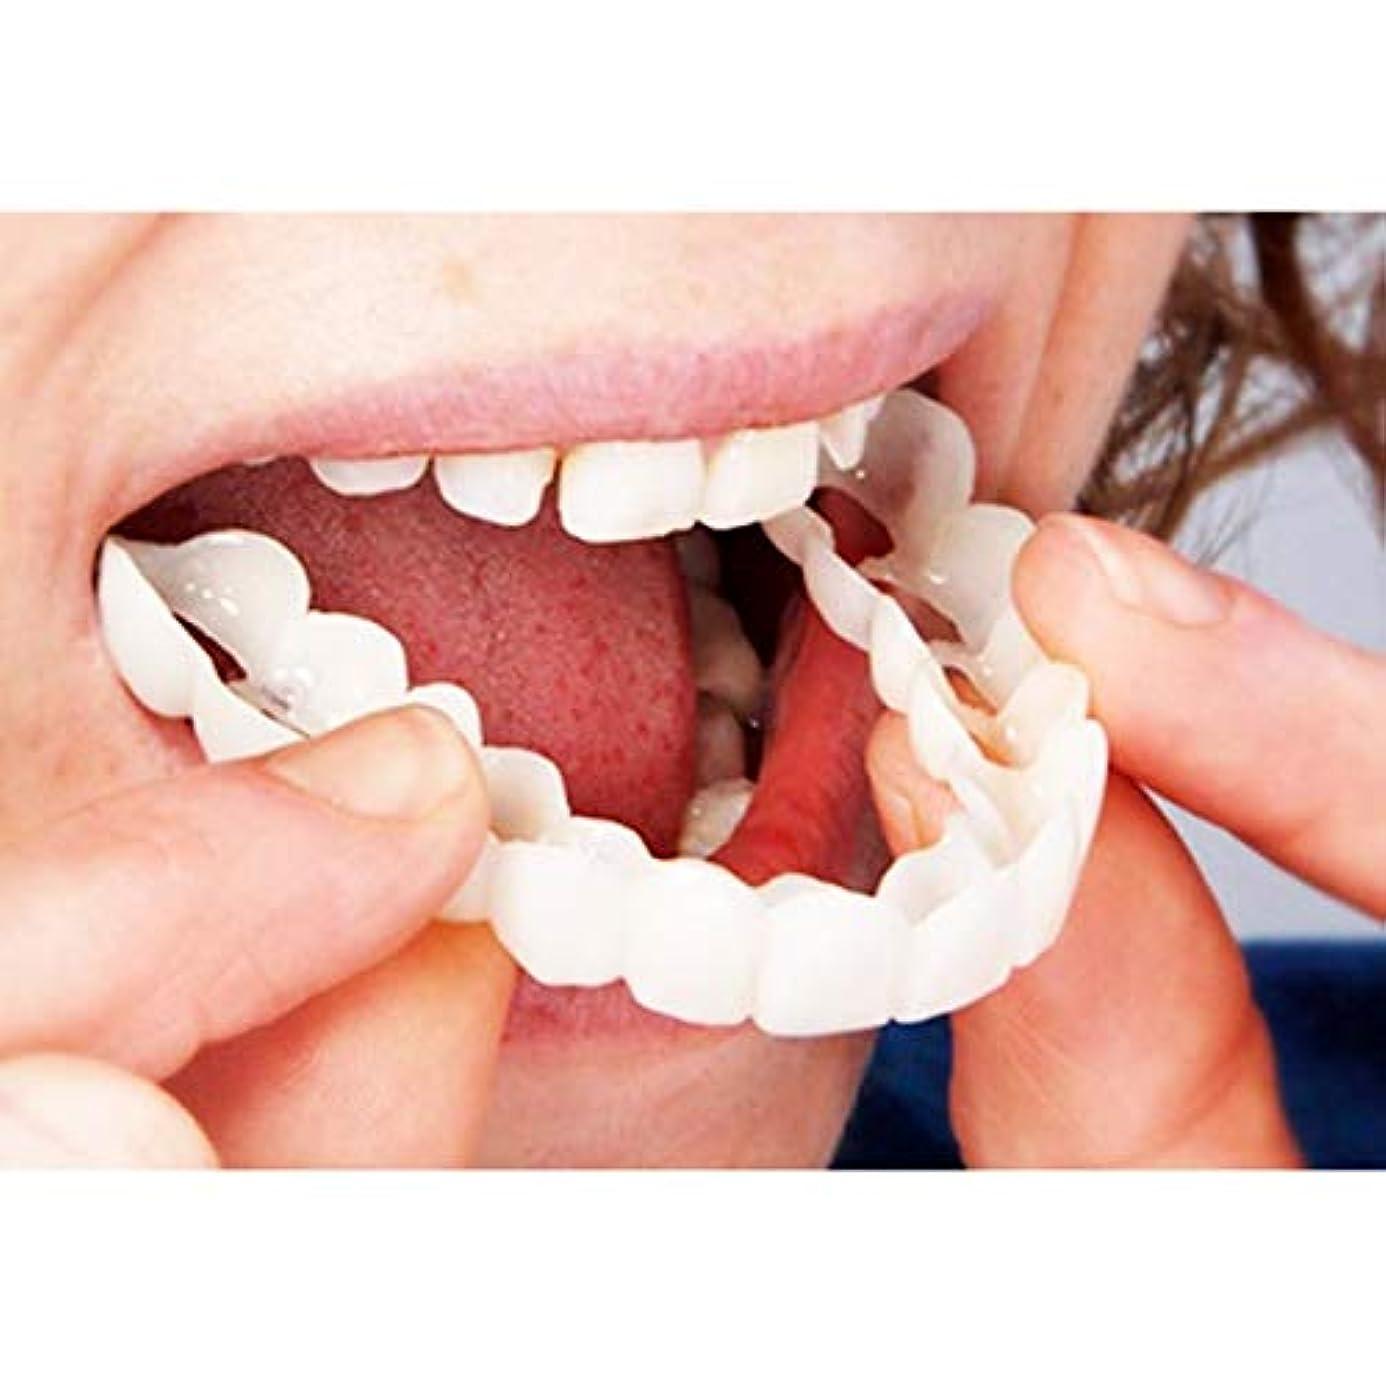 けん引圧倒する仮説BSTOPSEL 1PC 一時的な歯の義歯の歯の上の化粧品の歯科ベニヤの歯の入れ歯